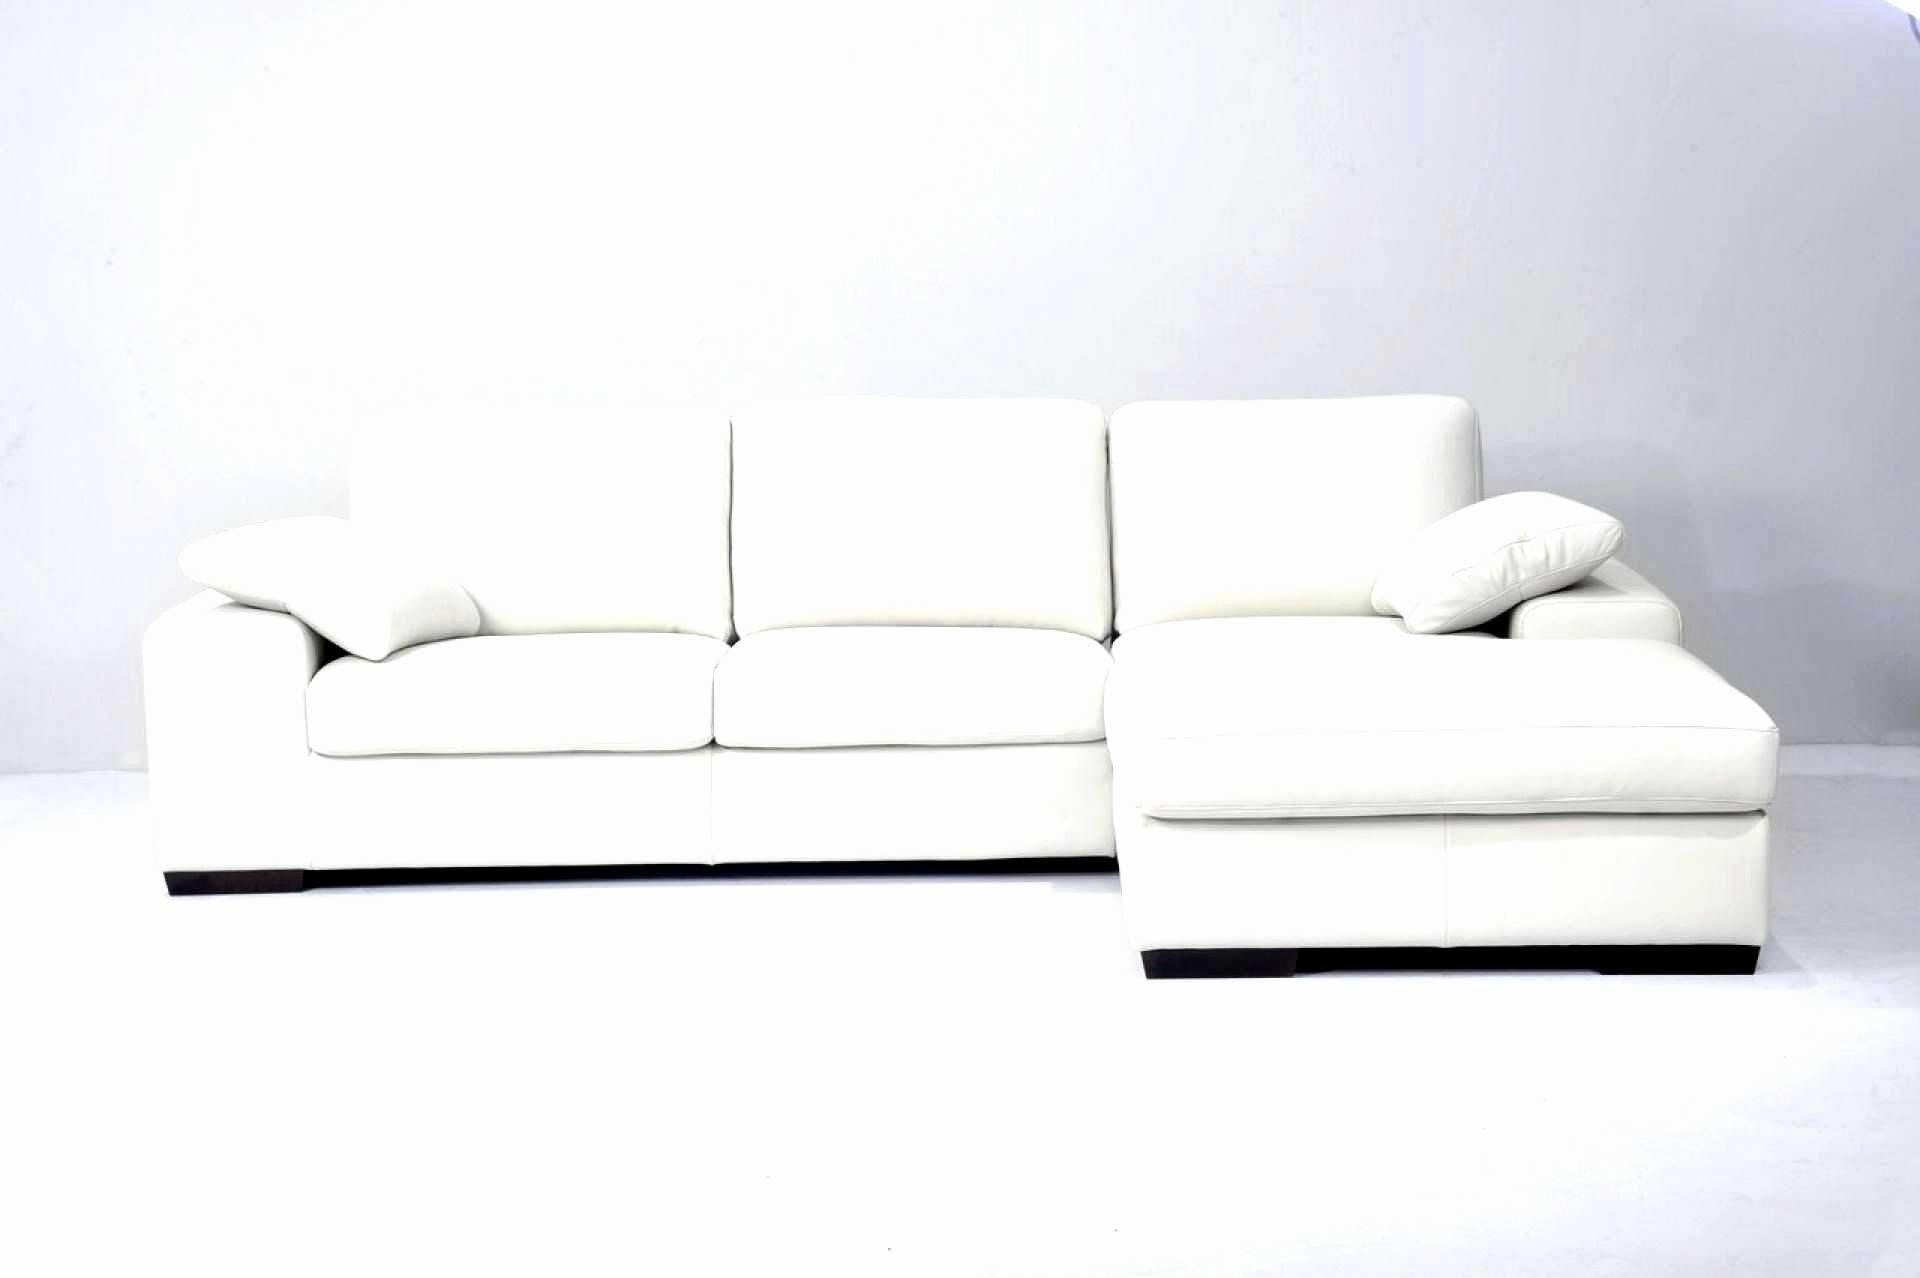 Lit Superposé 140x190 Impressionnant Lit Mezzanine Avec Clic Clac Ikea